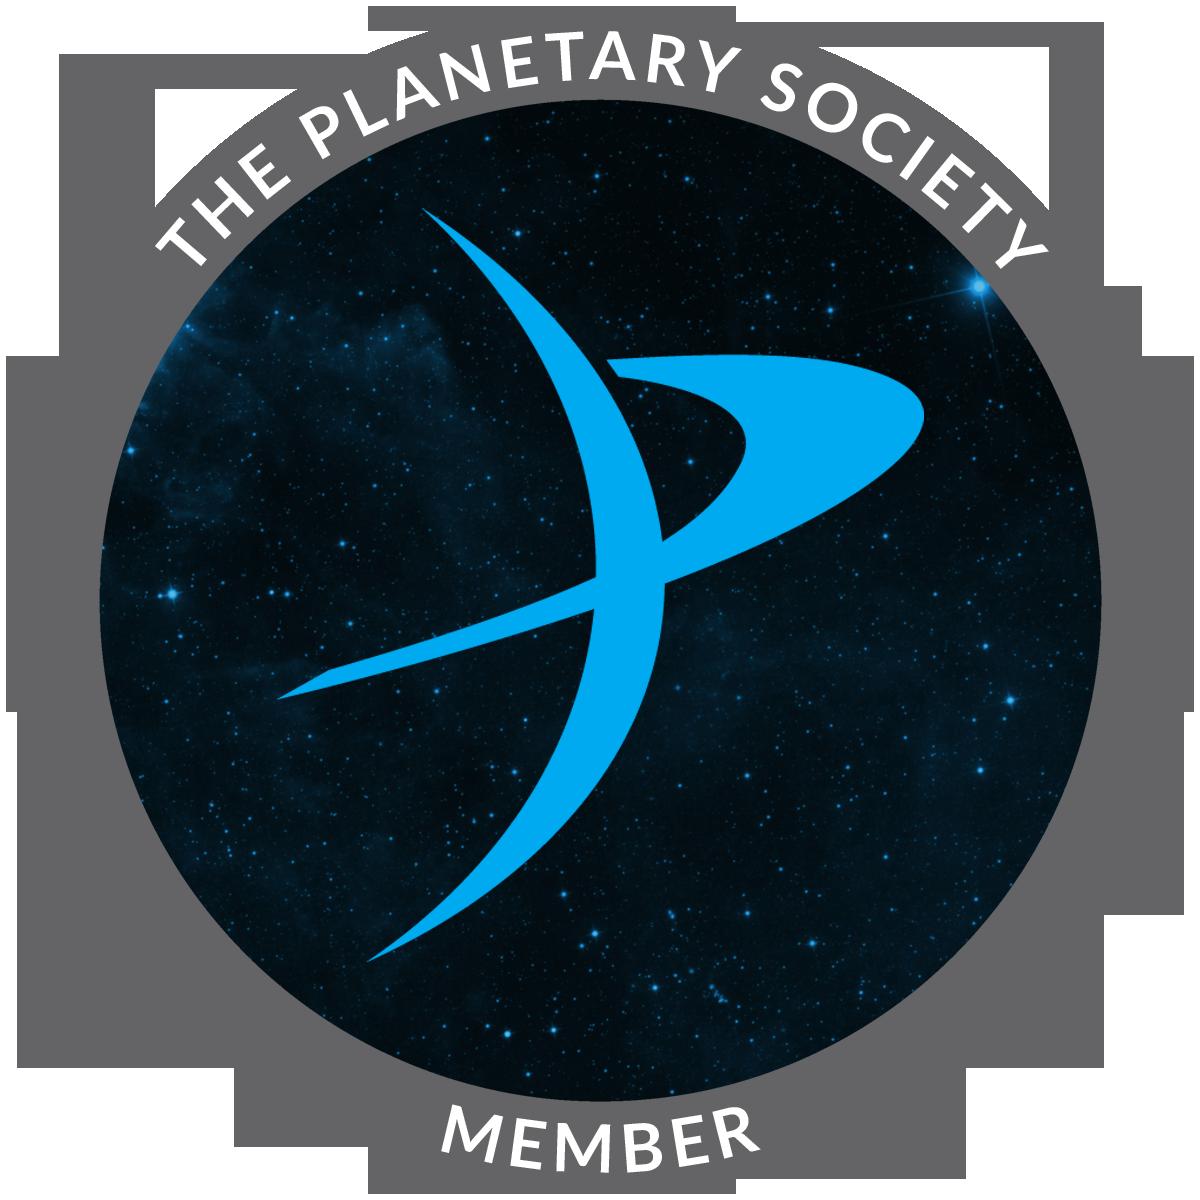 Planetary Society Member